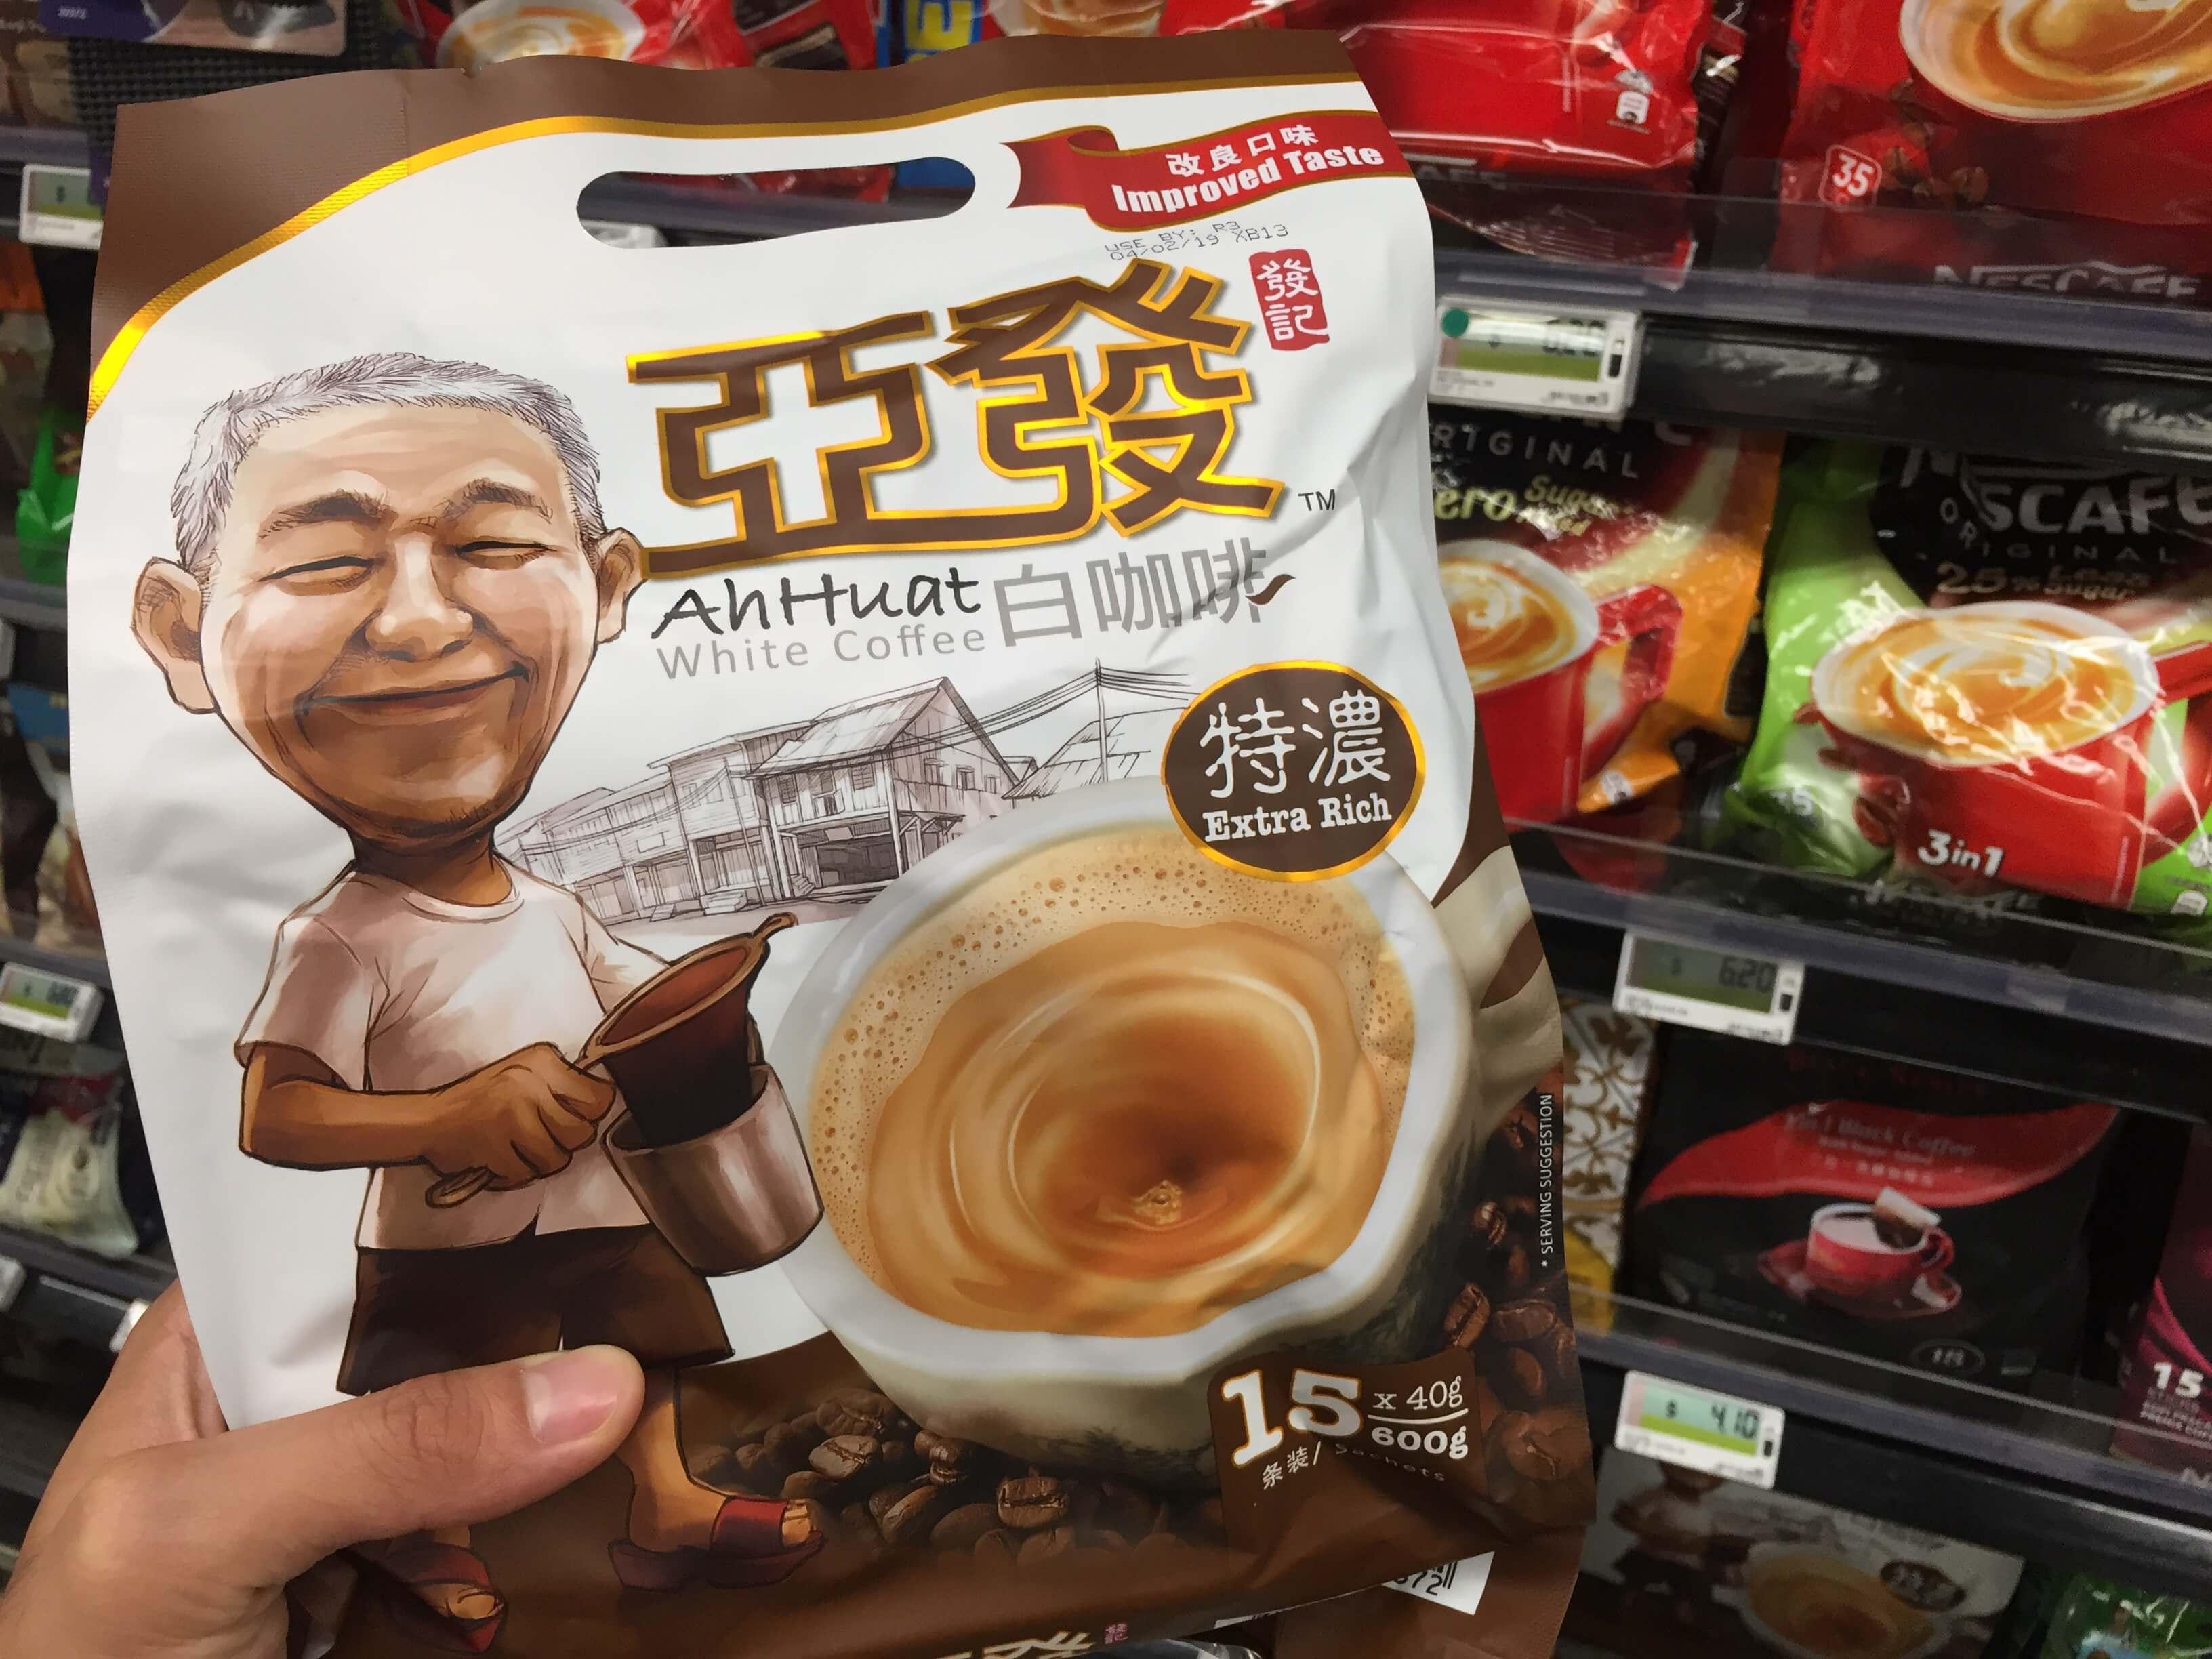 在新加坡也可以買到的馬來白咖啡 : 亞發白咖啡